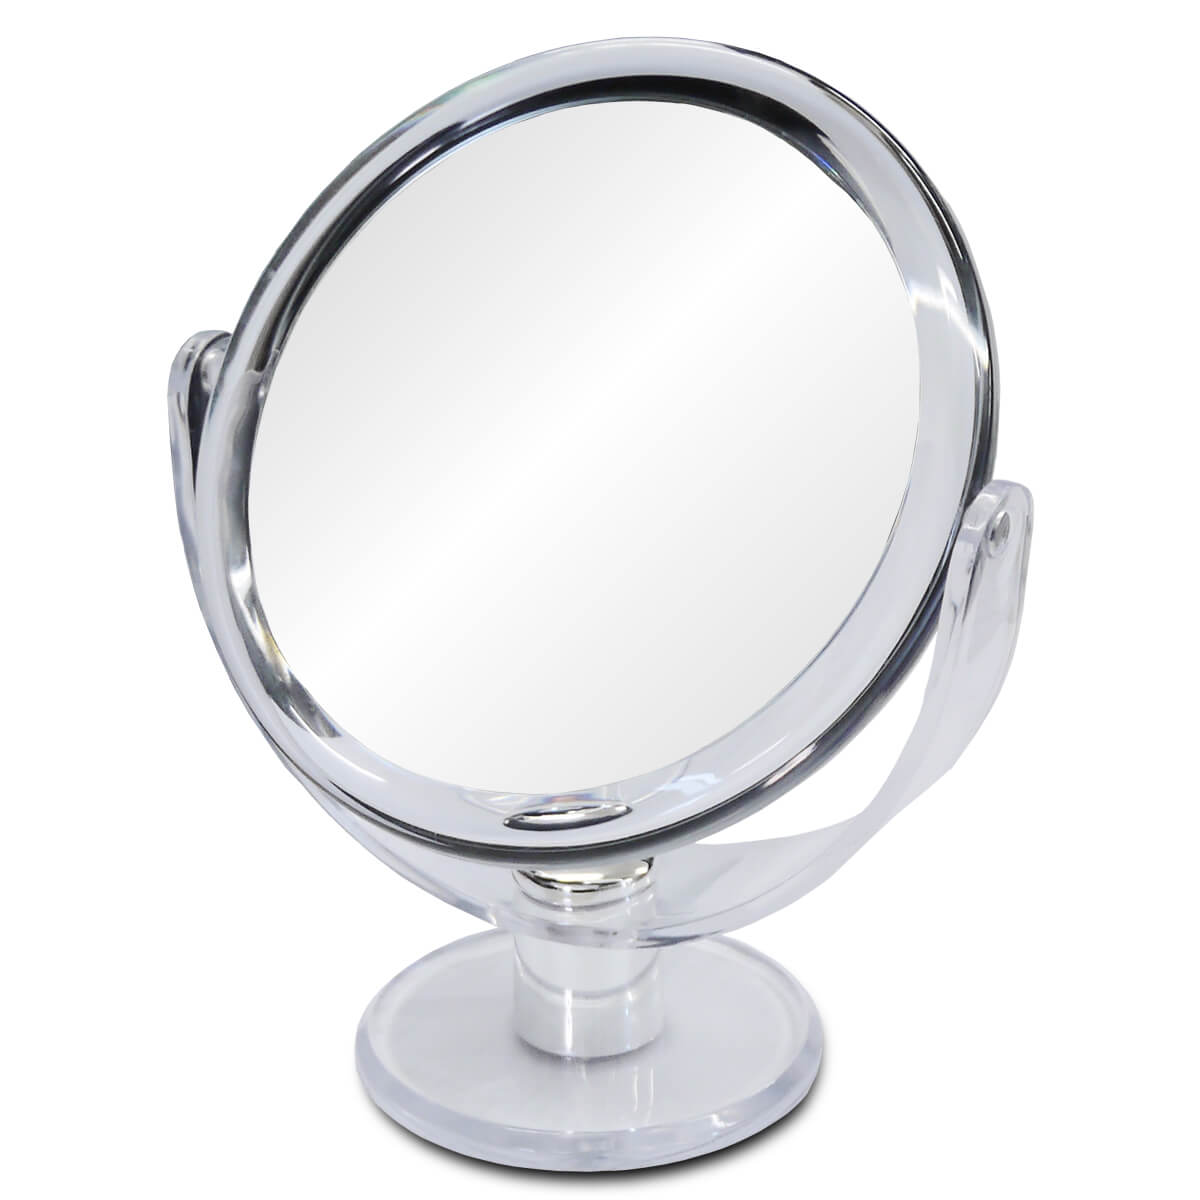 10倍鏡 通常の鏡の10倍の大きさで映る!細かなメイクや日々のスキンケアに最適!メイク 化粧 コンタクトレンズ シミ シワ スキンケア 鏡 ミラー 拡大鏡 10倍拡大鏡 宅配便送料無料